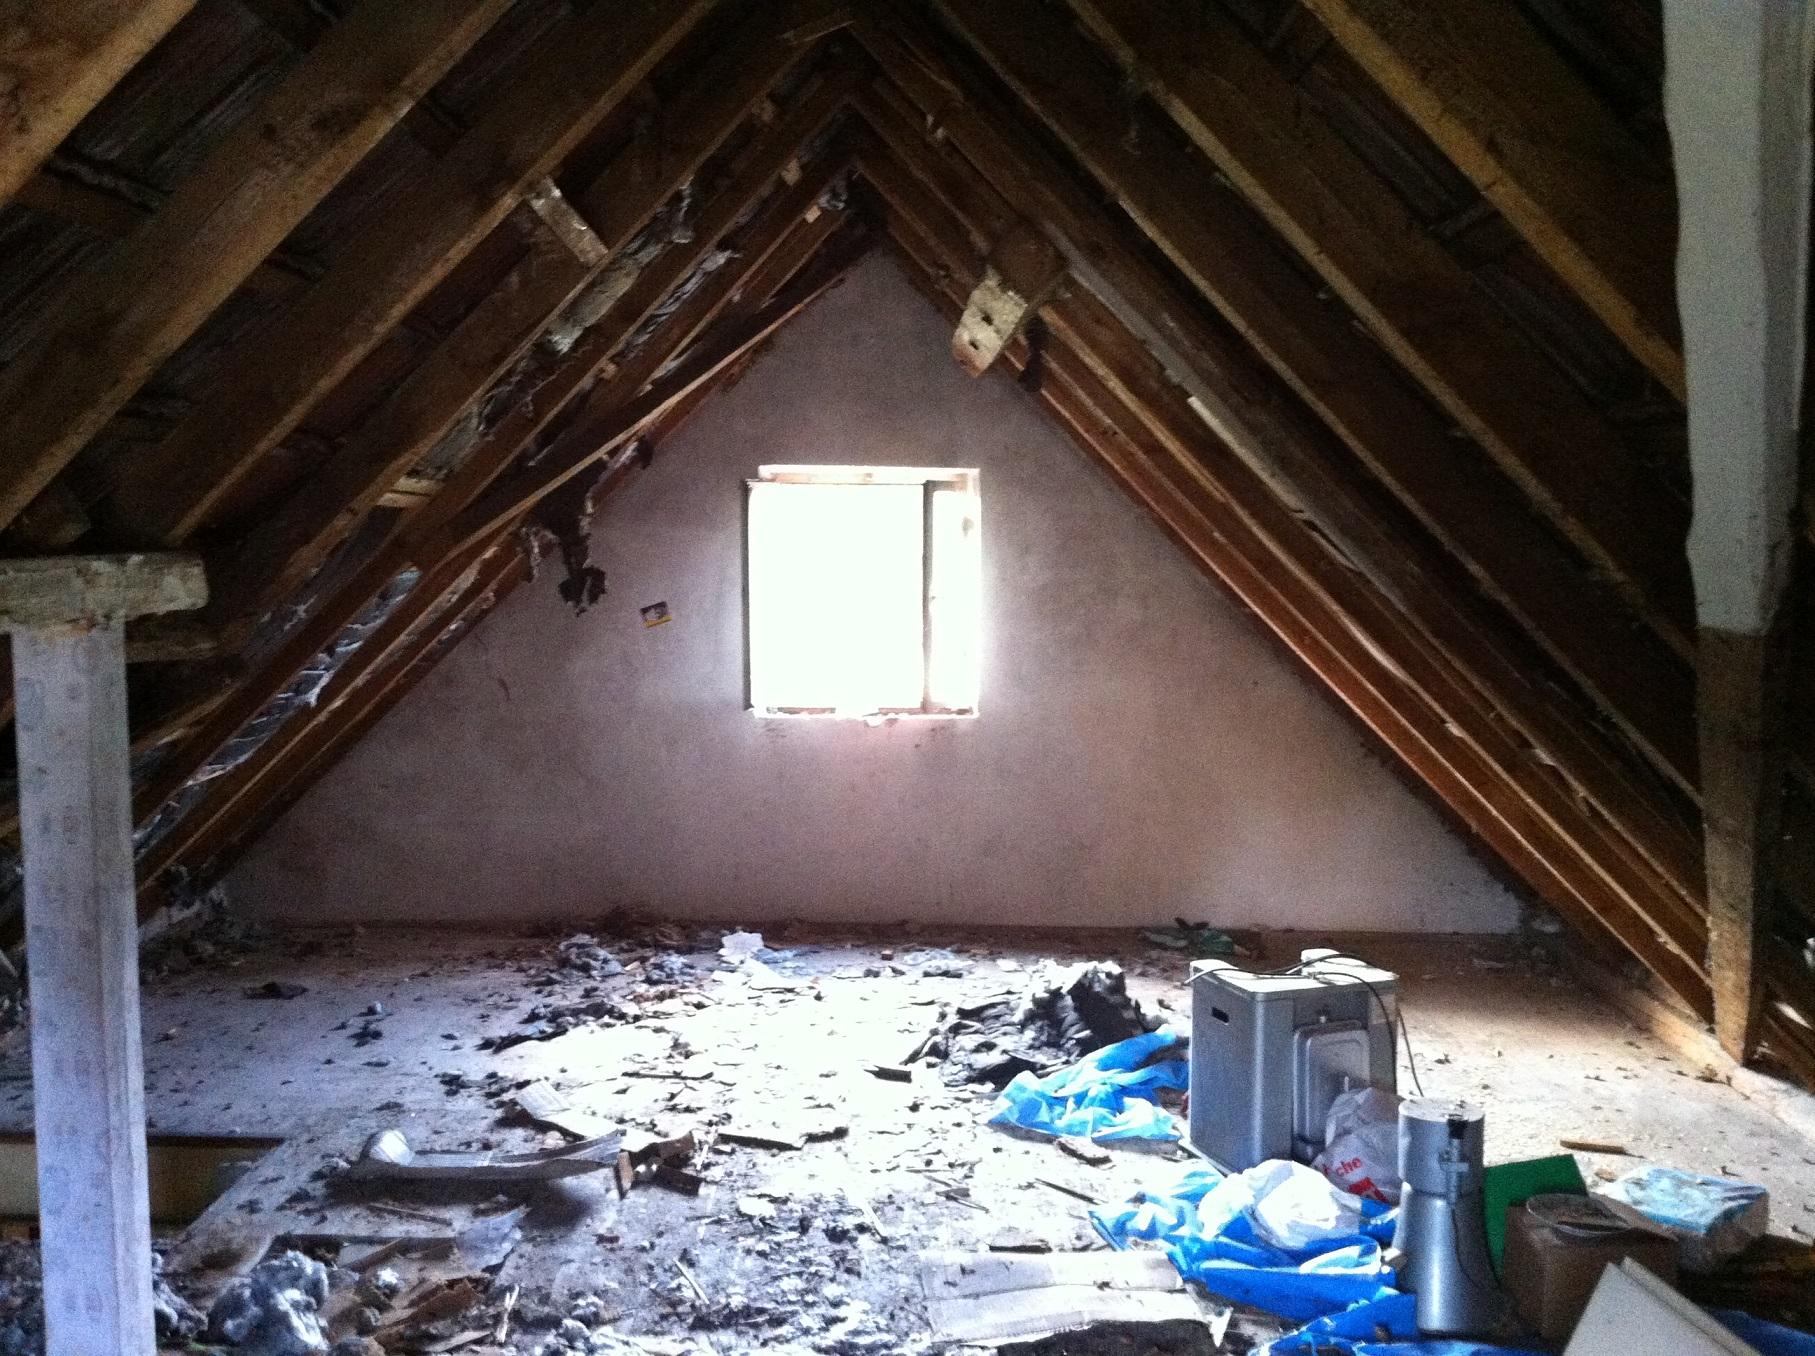 dachstuhl altbau wozu diese balken haus renovierung hausbau. Black Bedroom Furniture Sets. Home Design Ideas